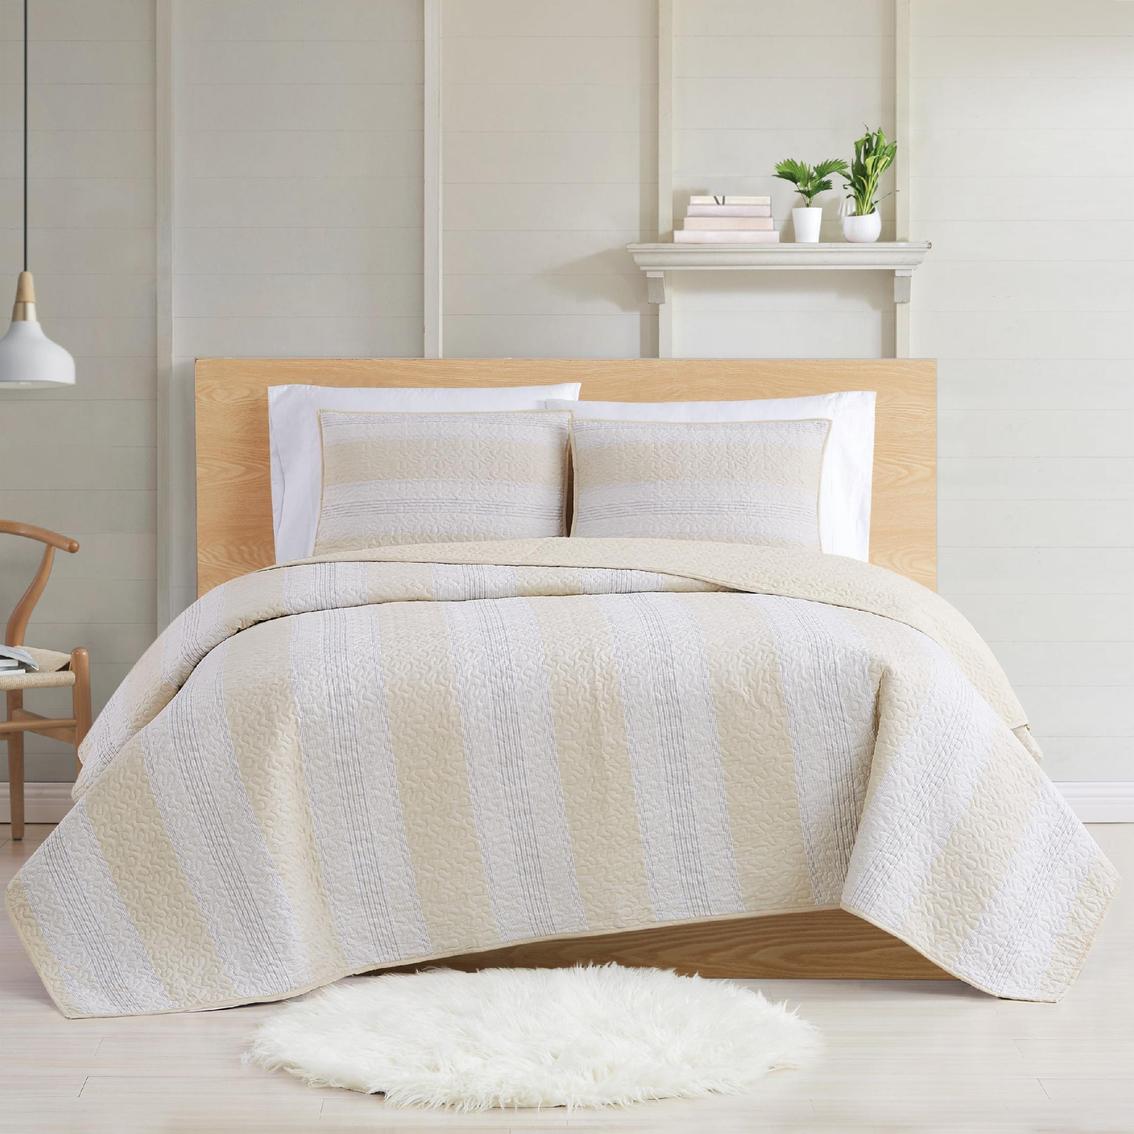 Cottage Classics Farmhouse 3 Pc Quilt Set Bedding Sets Household Shop The Exchange